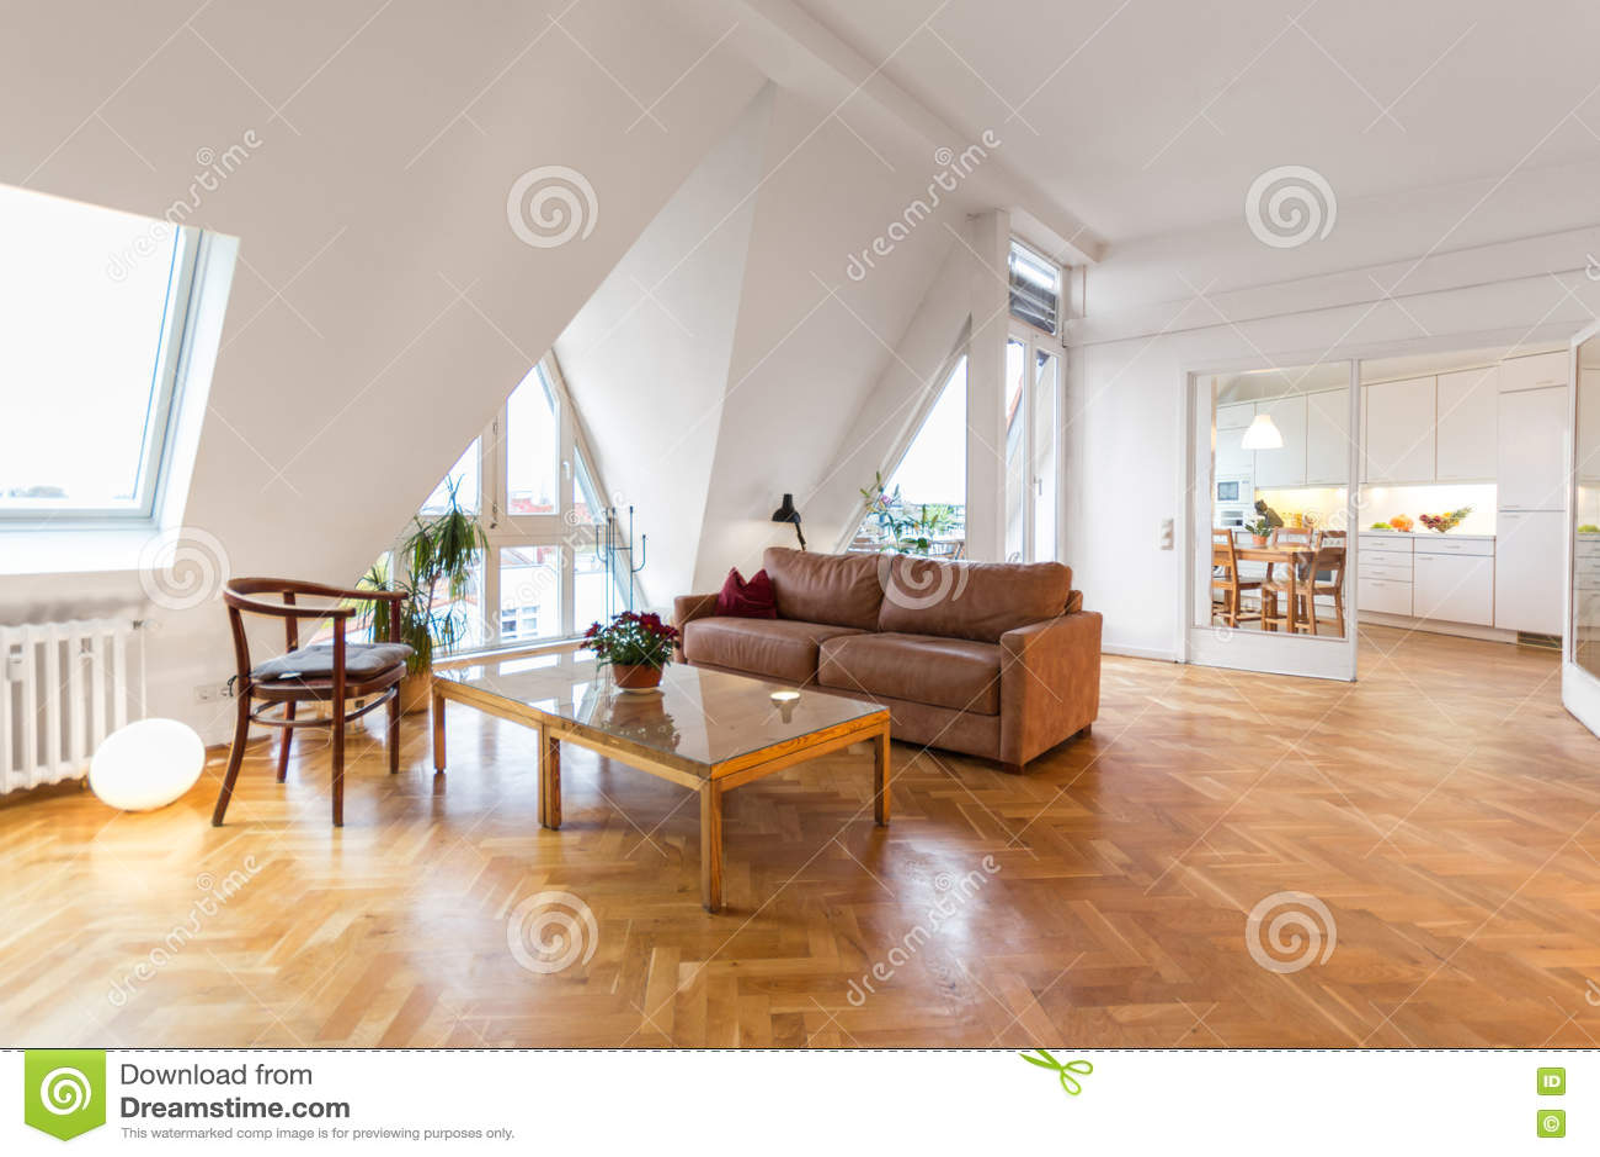 Woonkamer Houten Vloer : Moderne woonkamer met houten vloer en witte muur foto premium